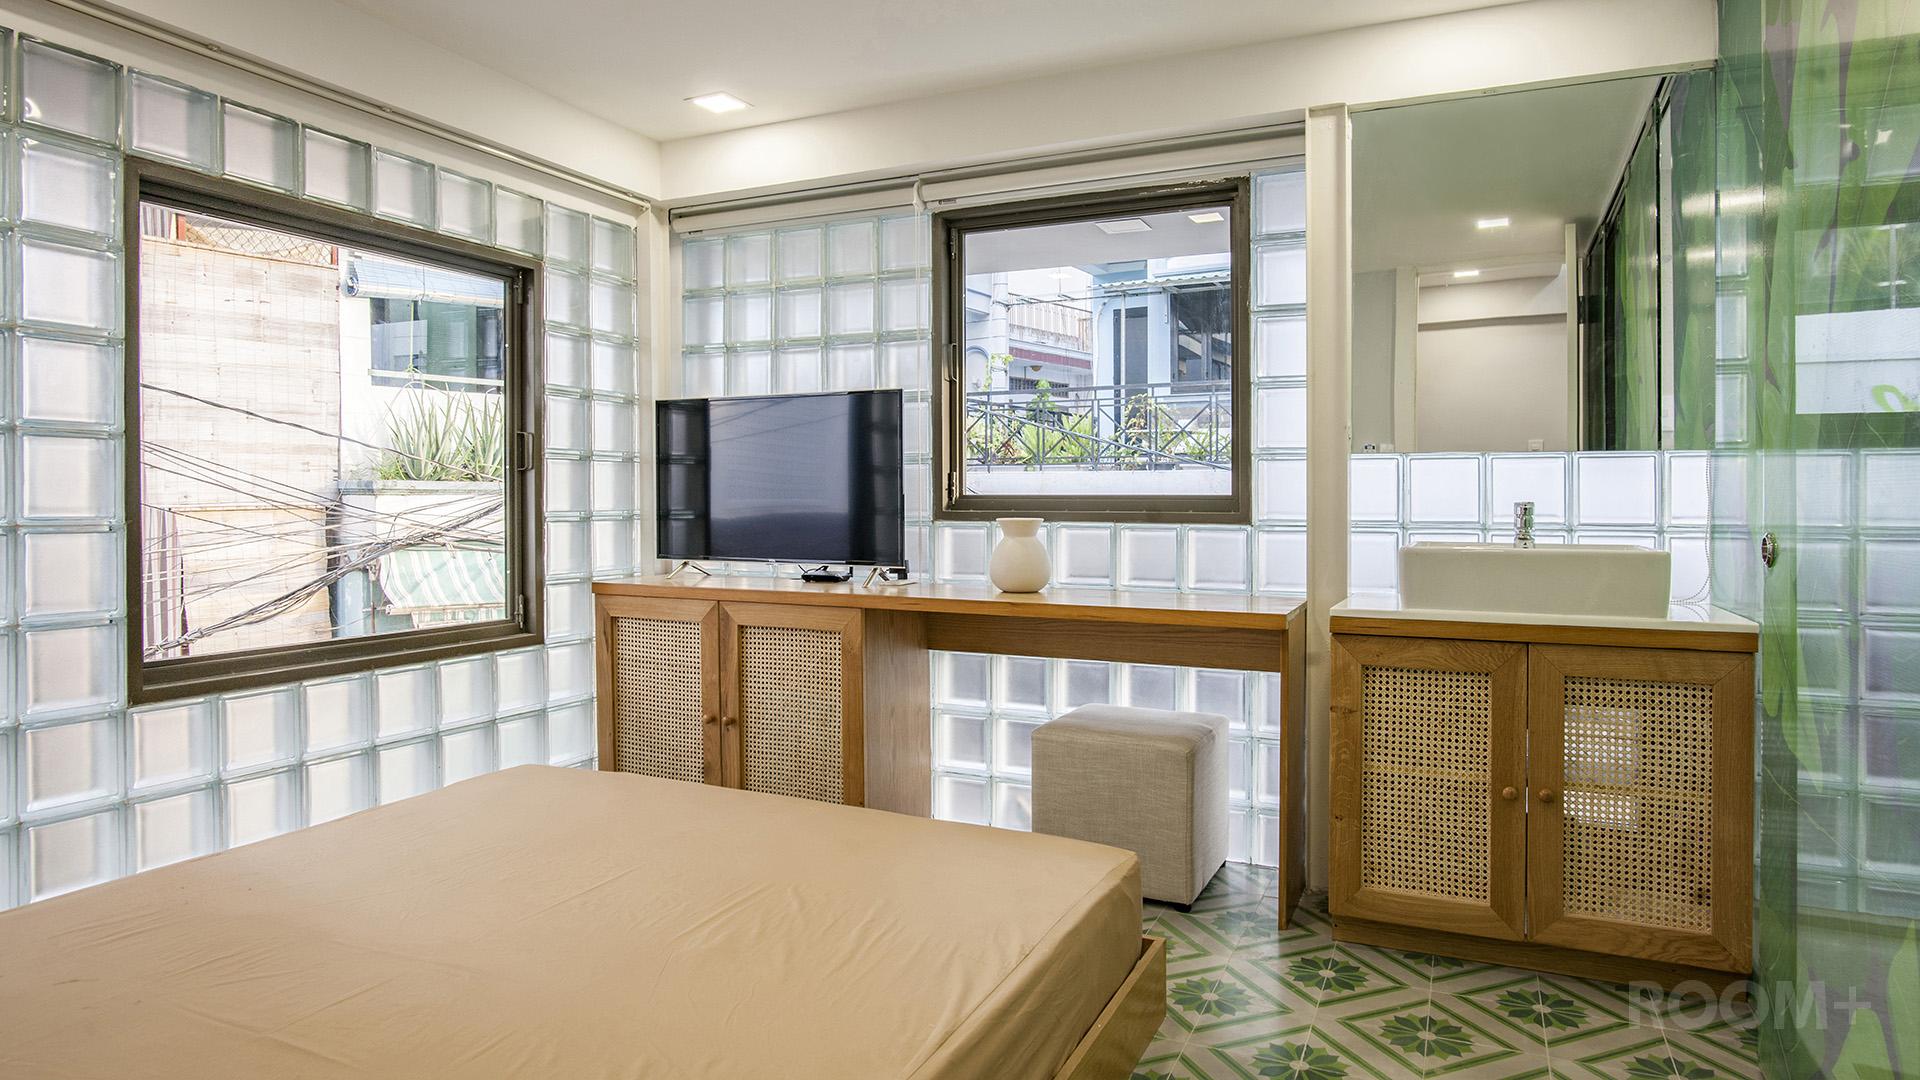 Nội thất phòng ngủ - Nhà gạch kính - ROOM+ (1)